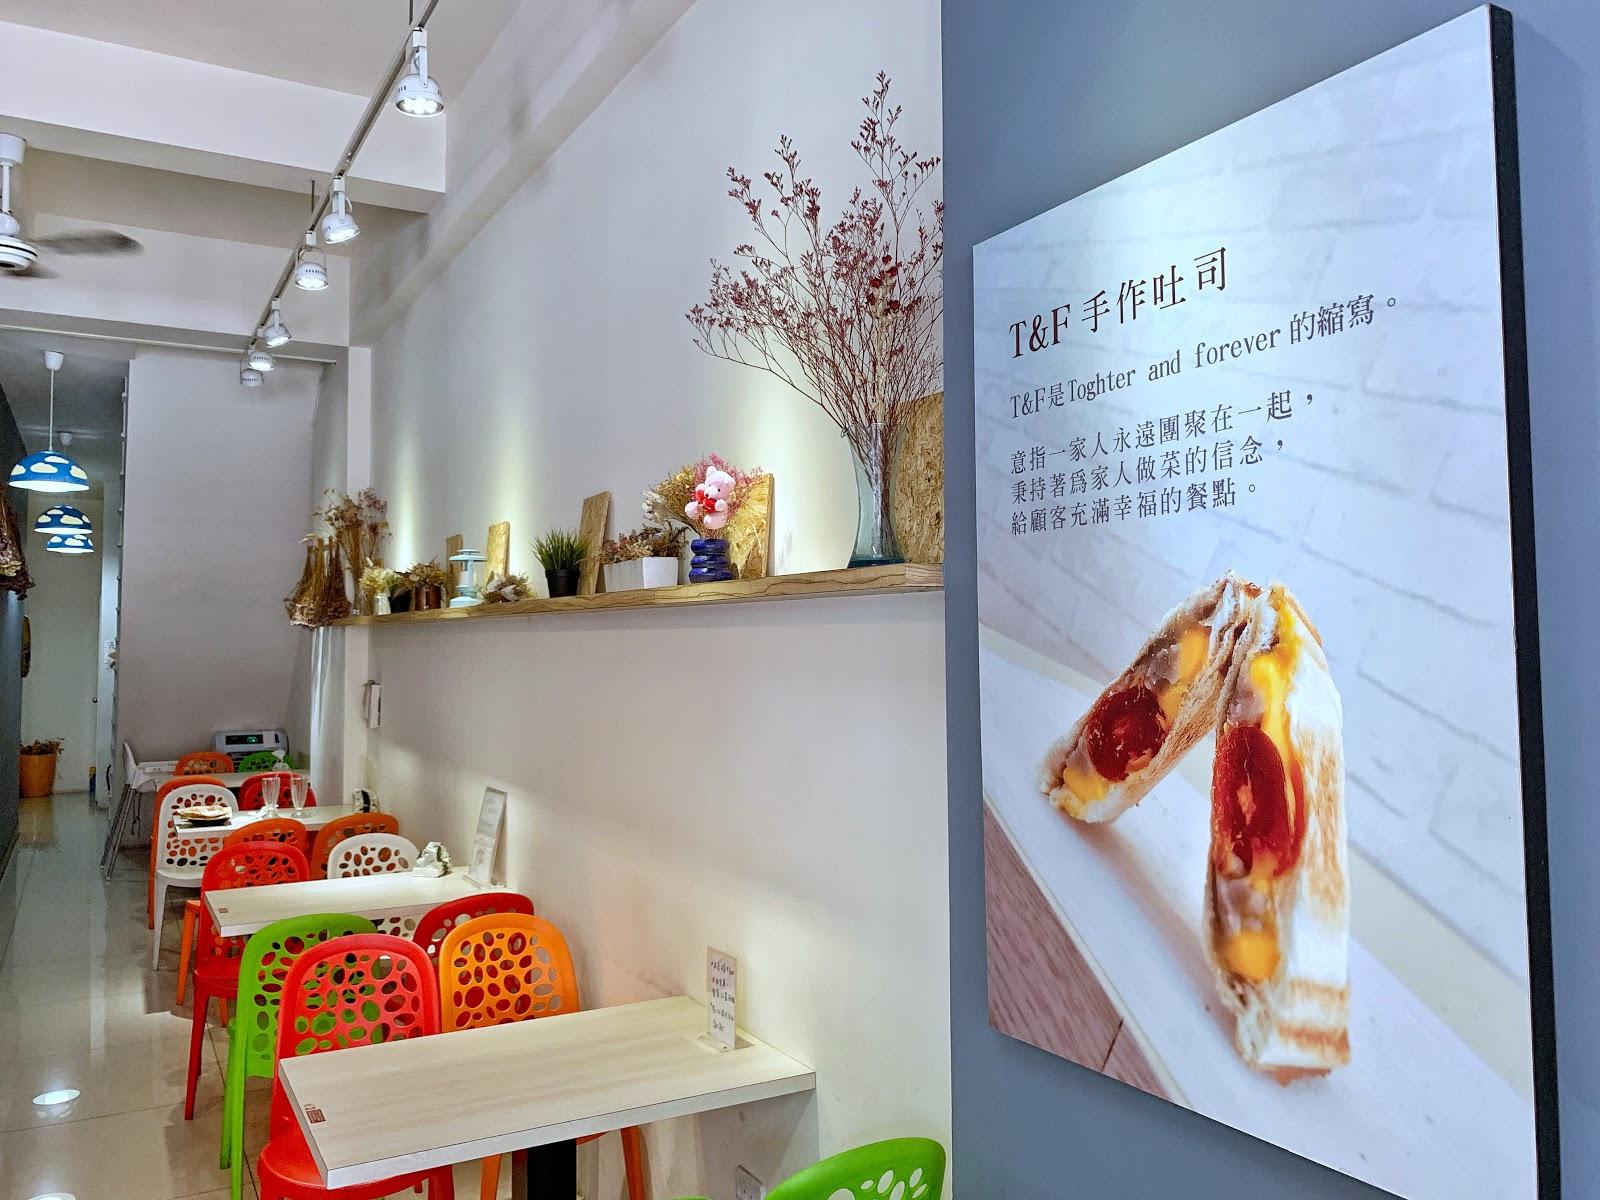 台南東區美食【T&F手作吐司 崇明店】一樓空間